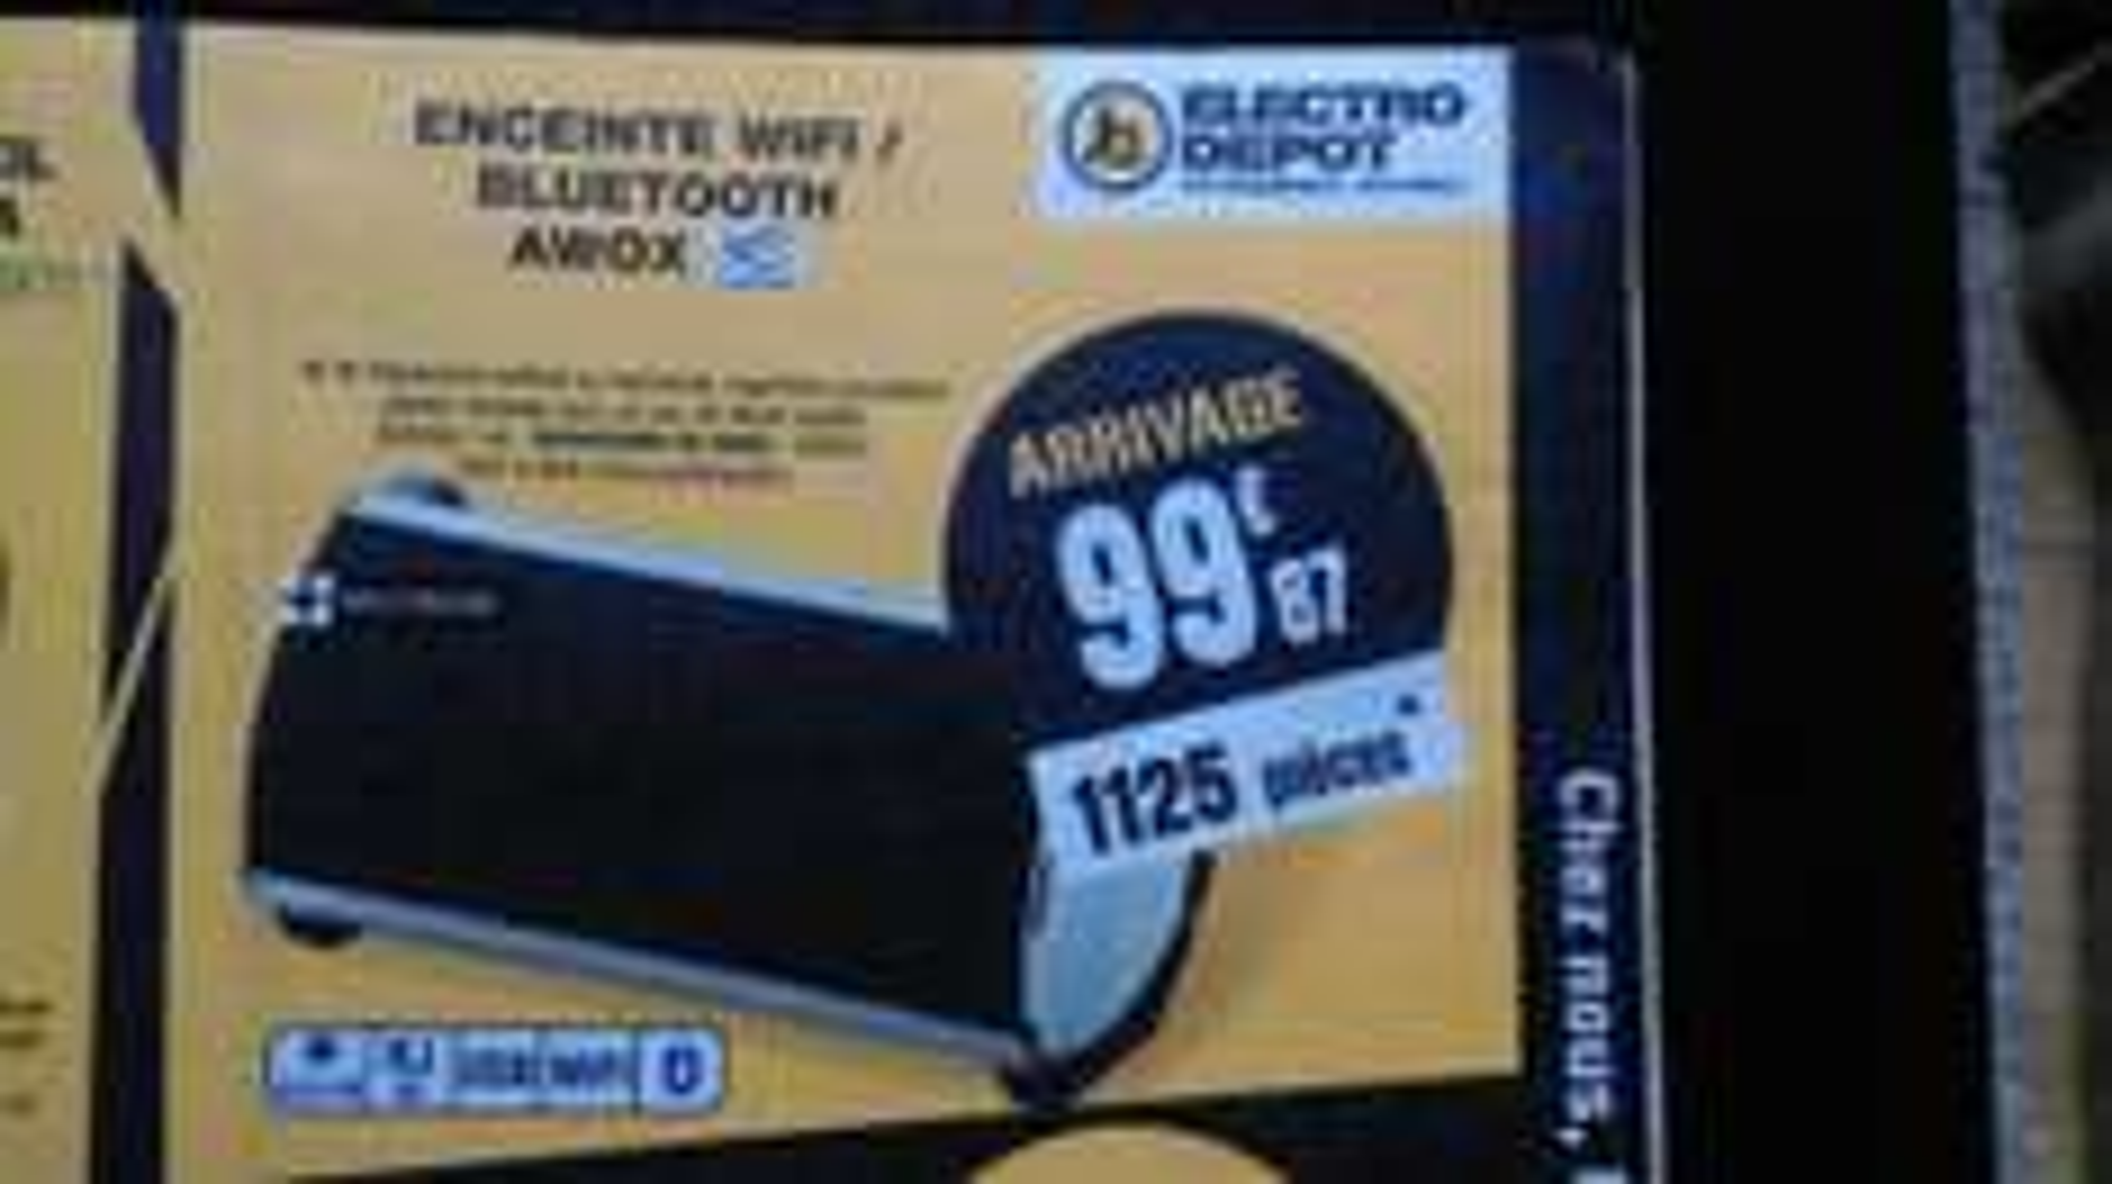 Enceinte Wifi/Bluetooth Awox StrilmSound SD-BW80 - 80W